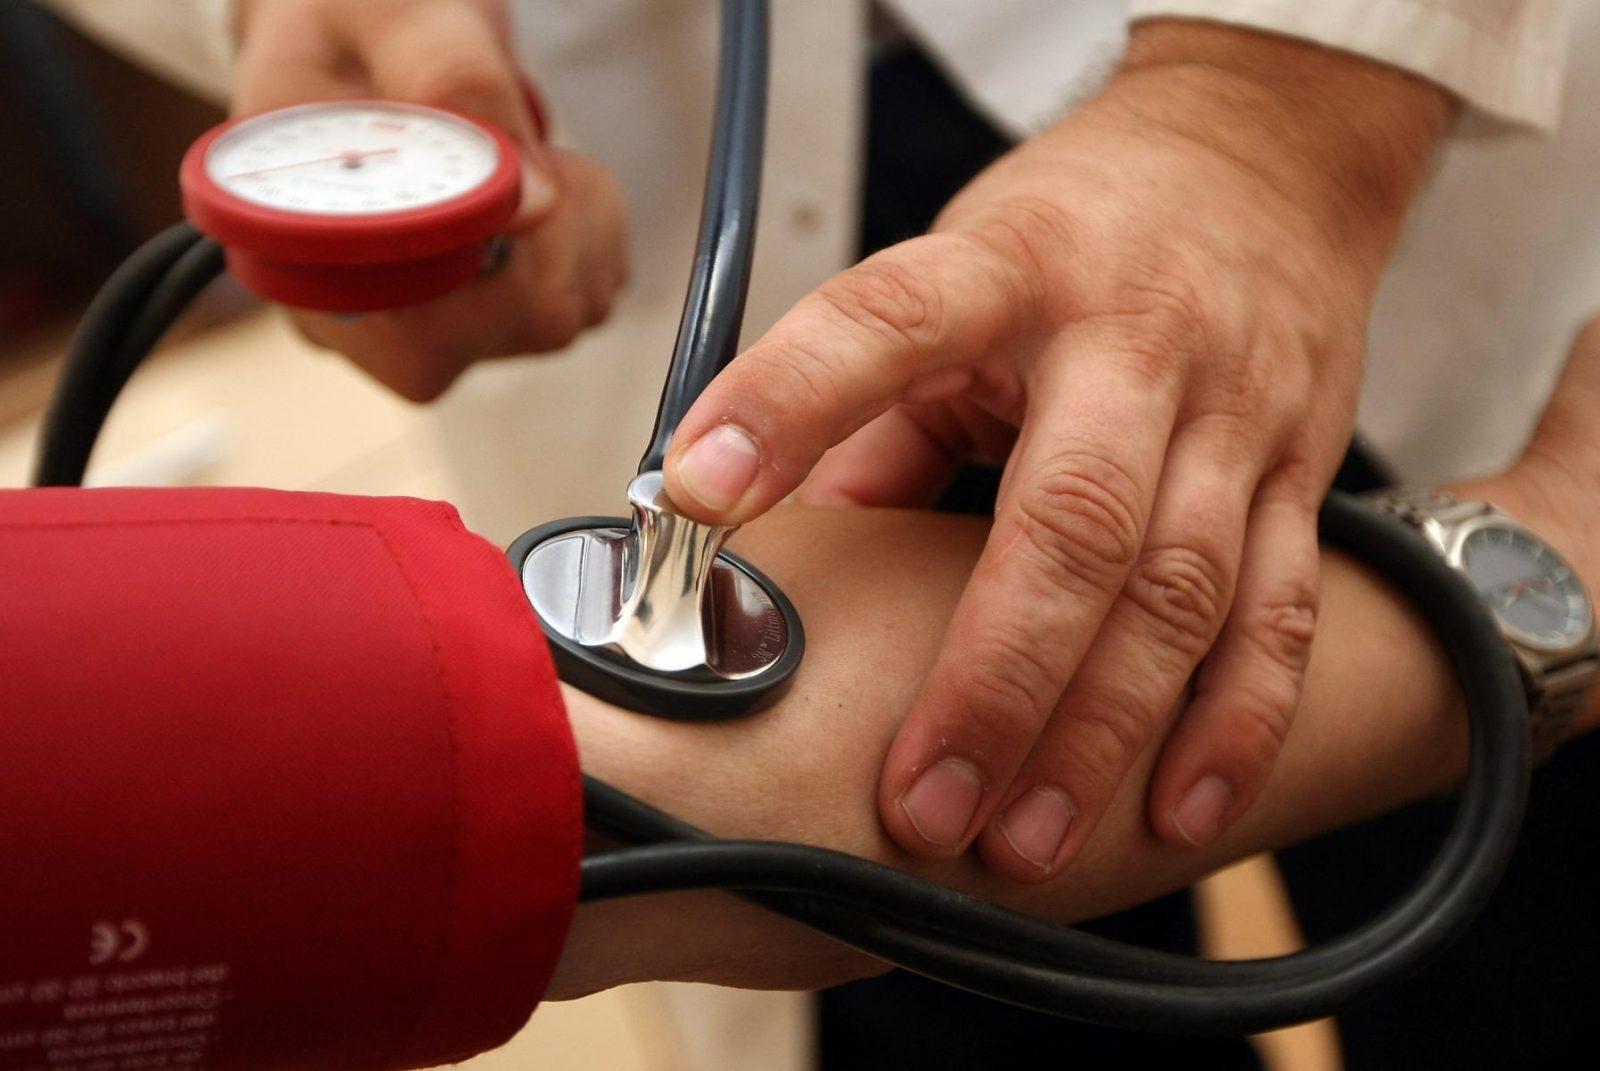 magas vérnyomás kockázati tényezők képek a fertőzések magas vérnyomást okoznak